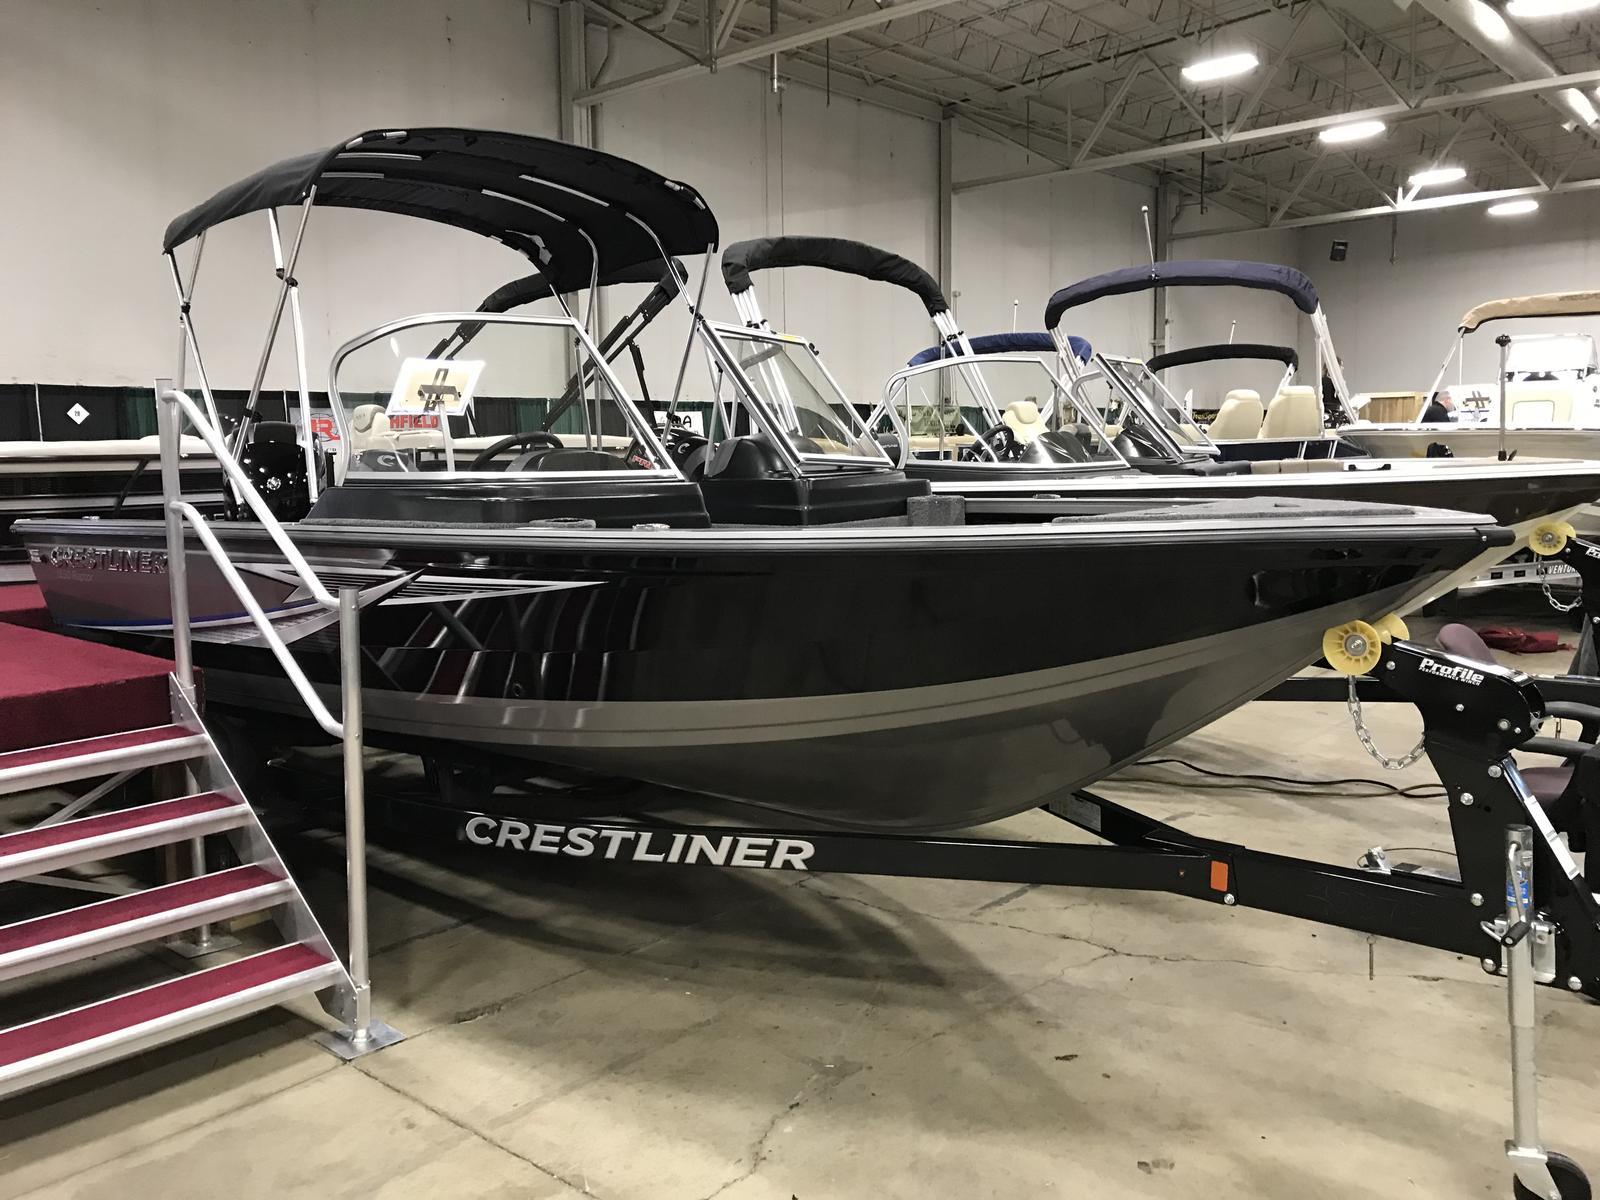 2018 Crestliner 1850 Raptor Walk Through For Sale In Wixom Mi Pontoon Boat Wiring Diagram Wilson Marine 2